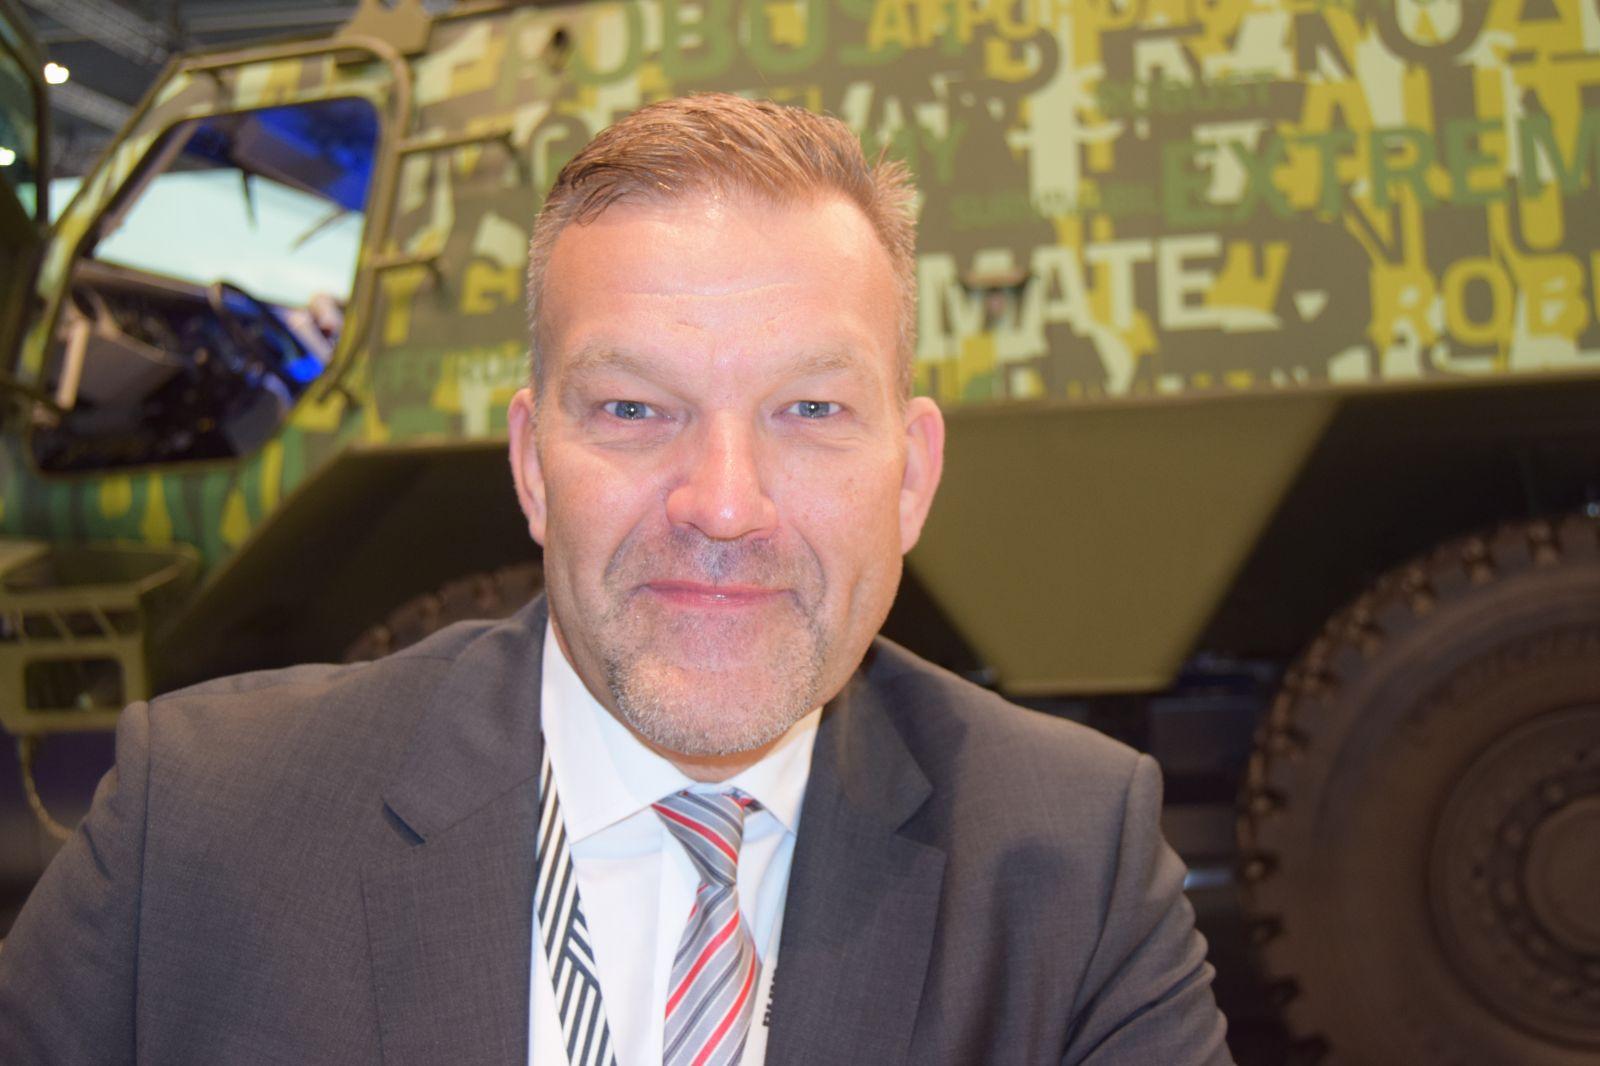 """DSEI 2019 - """"Patria ще отговори на RfP за нова бойна машина, като гарантираме 20% българско участие"""" - Яне Райколайнен, старши вице-президент Vehicles Systems Land в Patria"""